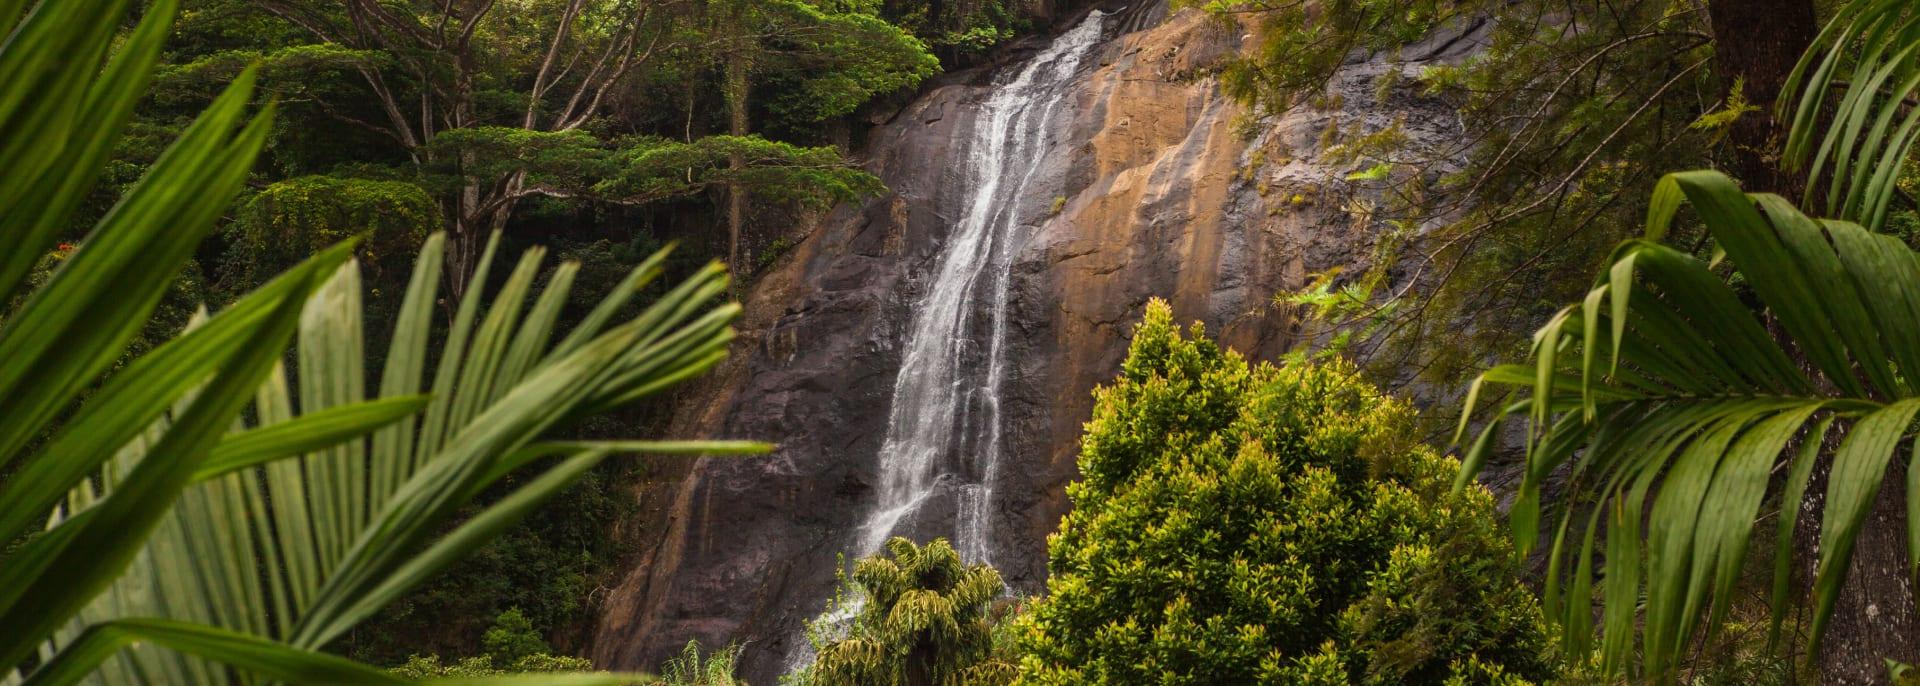 Sinharaja, Sri Lanka